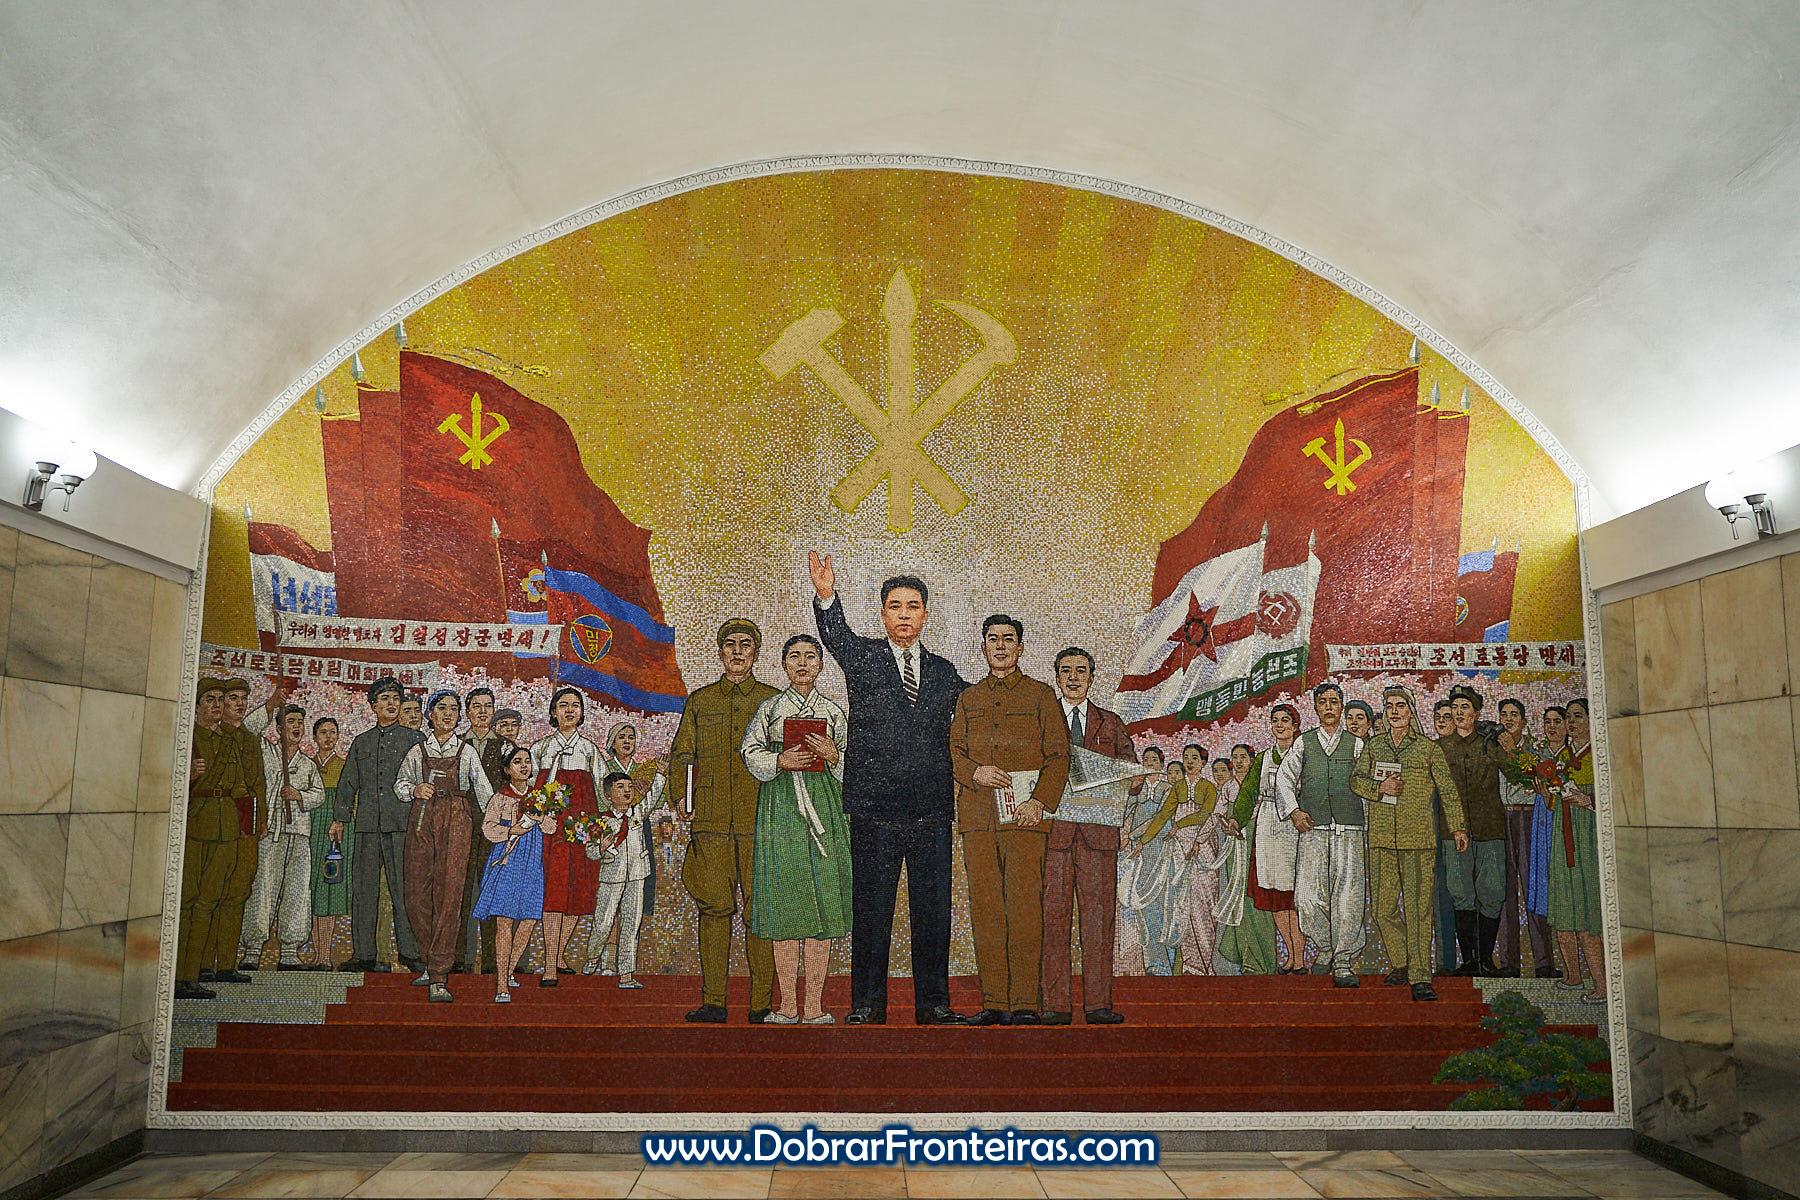 Mural de mosaico na estação de Ponghwa, Pyongyang alusivo ao  Partido dos Trabalhadores da Coreia com o presidente Kim-Il-Sung ao centro